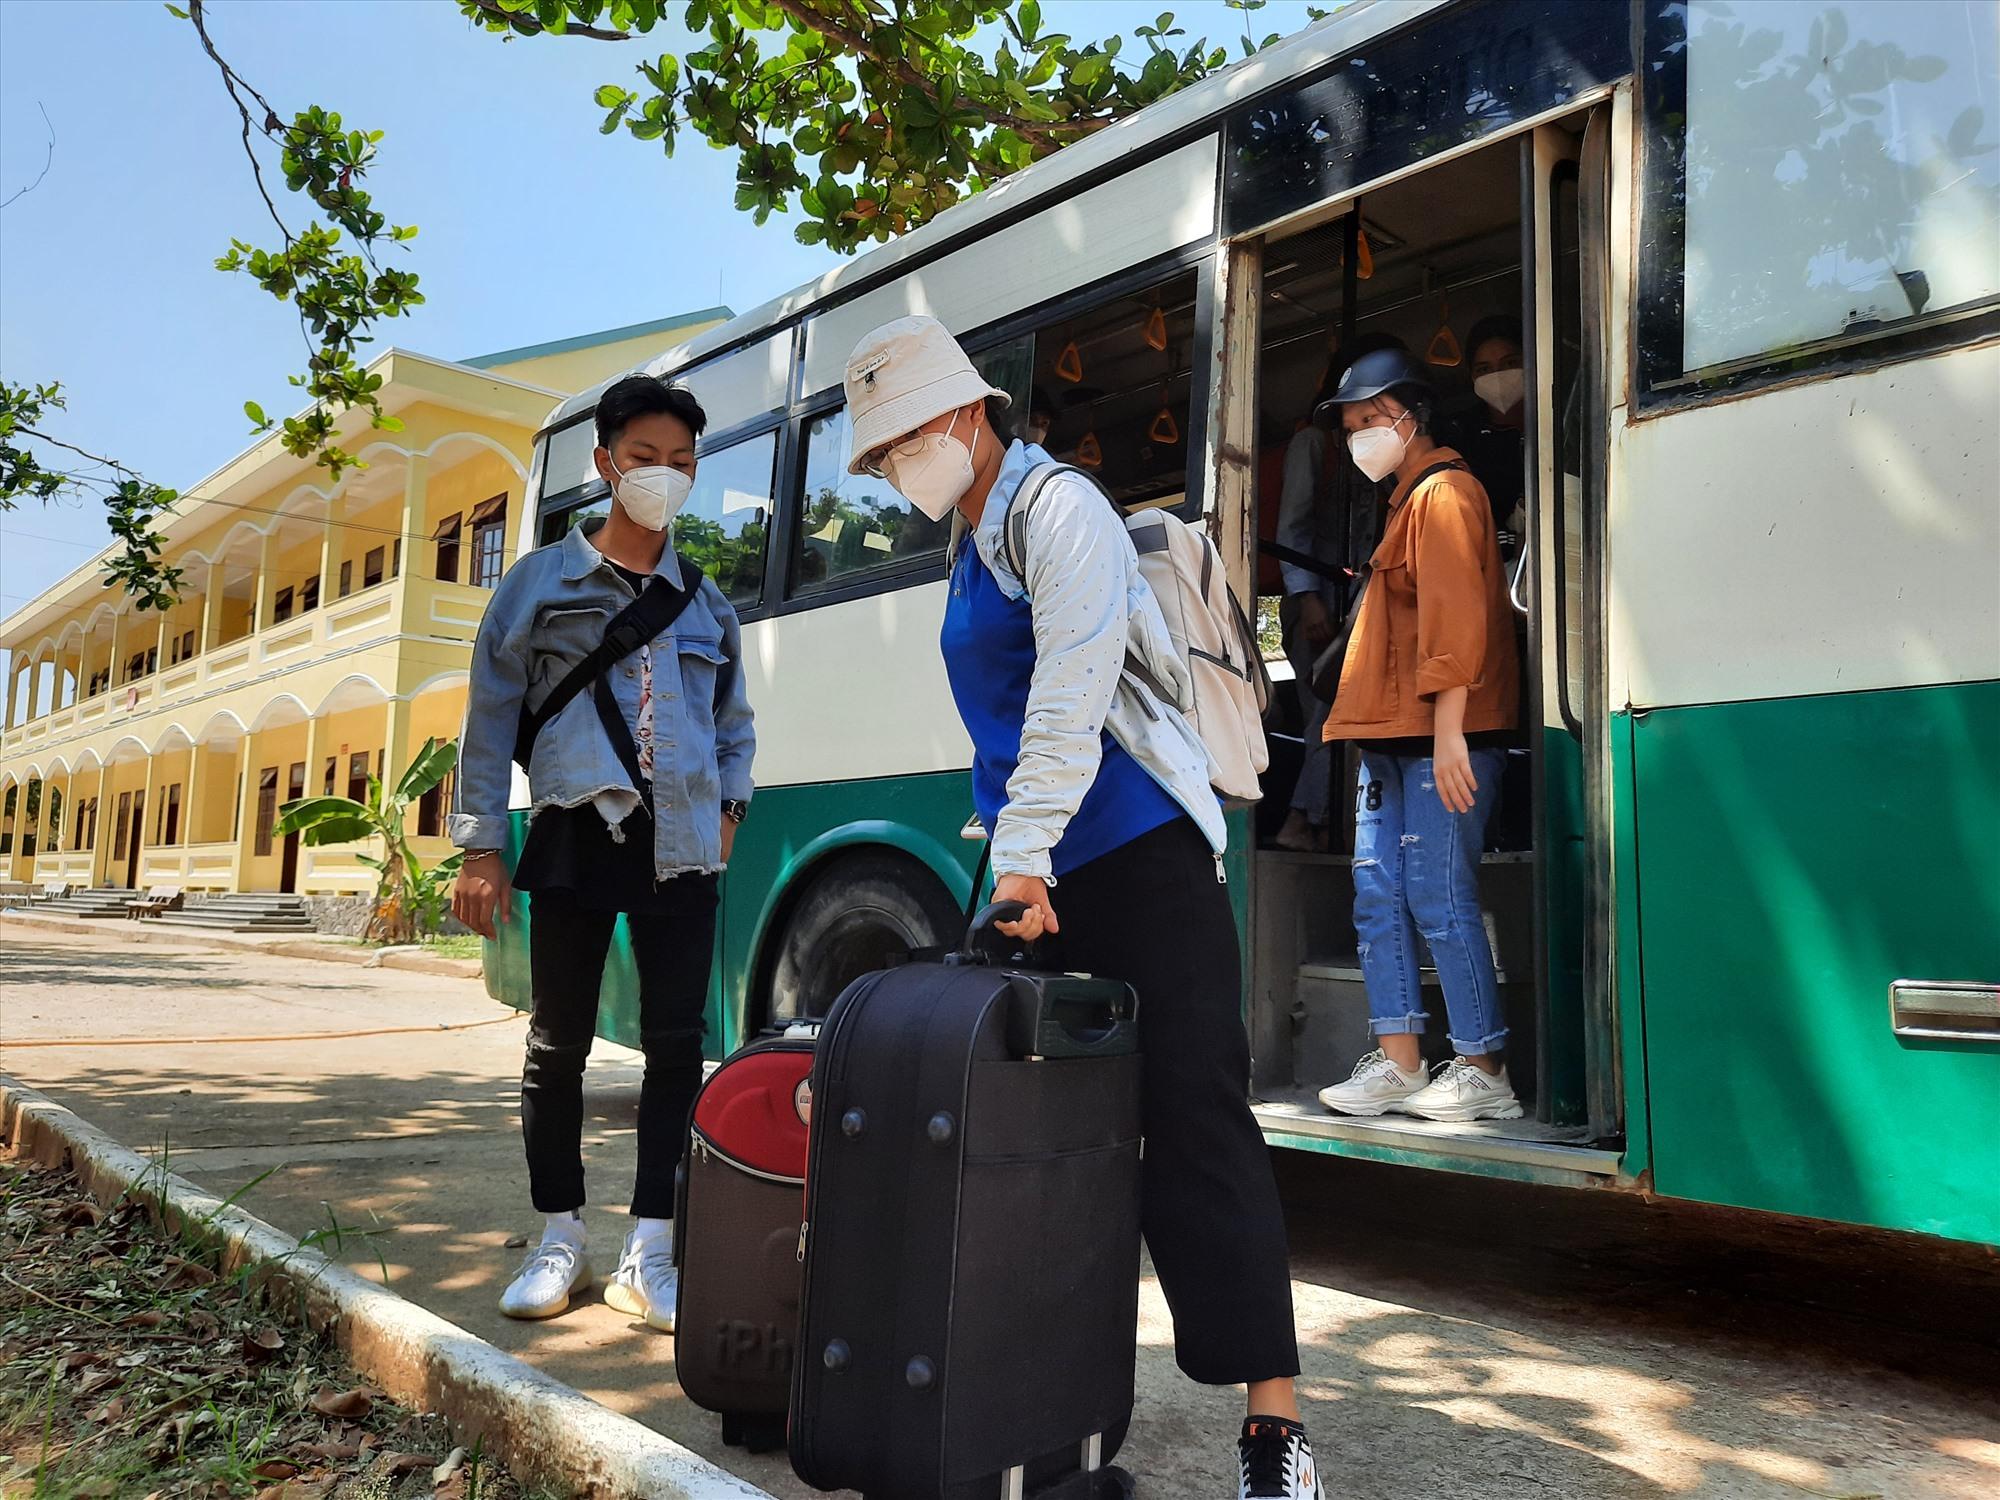 Đây là những học sinh, sinh viên bị mắc kẹt lại TP.Đà Nẵng do dịch Covid-19 và có cả những sinh viên có nhu cầu đến Quảng Nam để học tập. Ảnh: Đ. ĐẠO